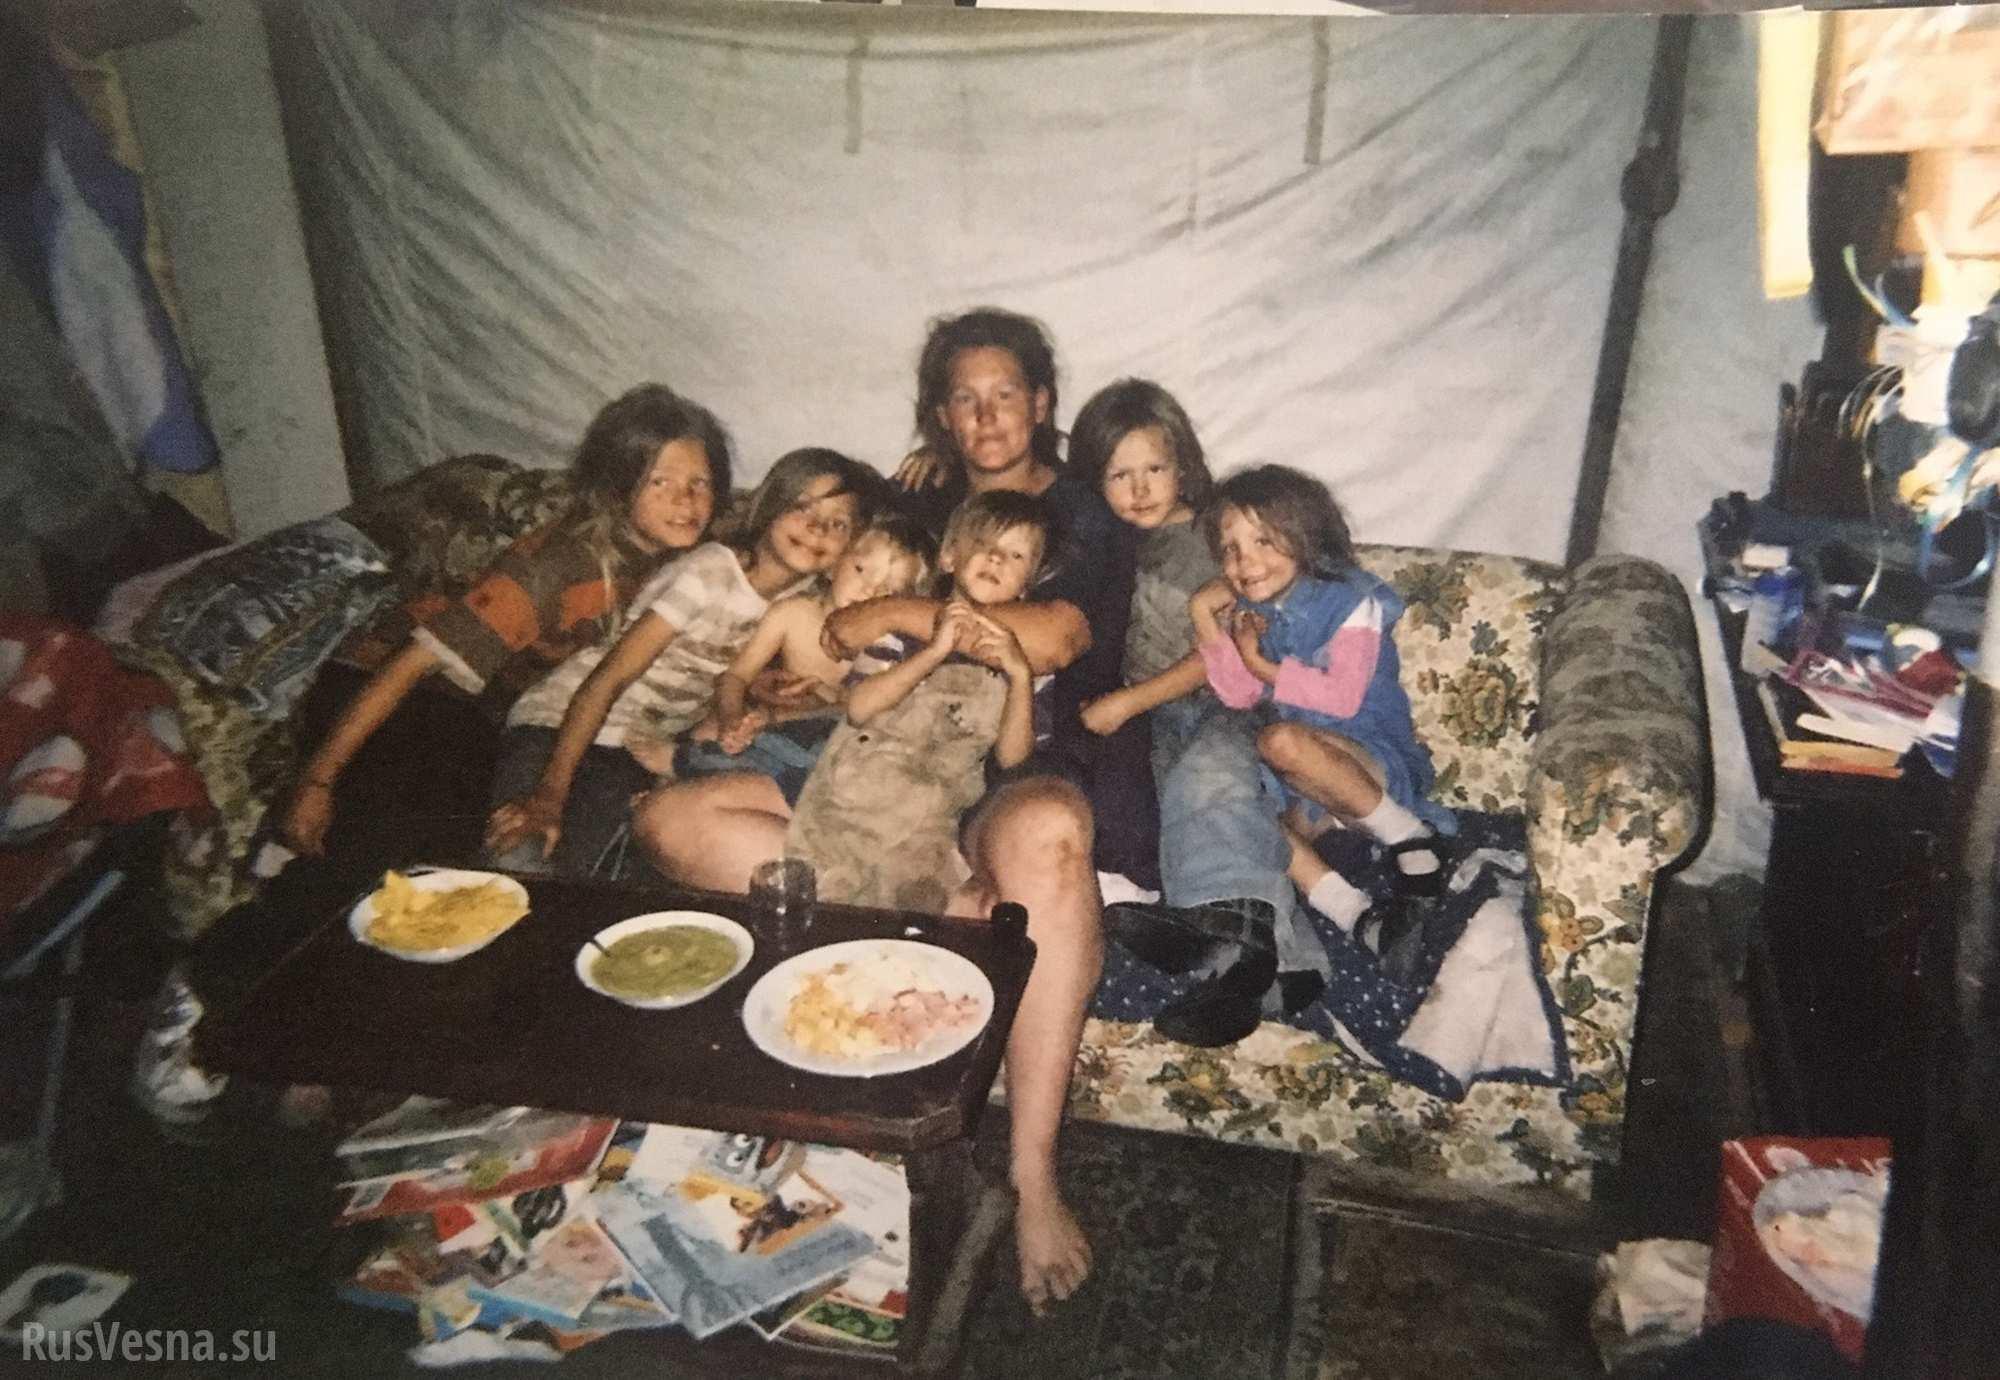 За 19 лет сексуального рабства американка родила своему отчиму 9 детей (ФОТО, ВИДЕО)